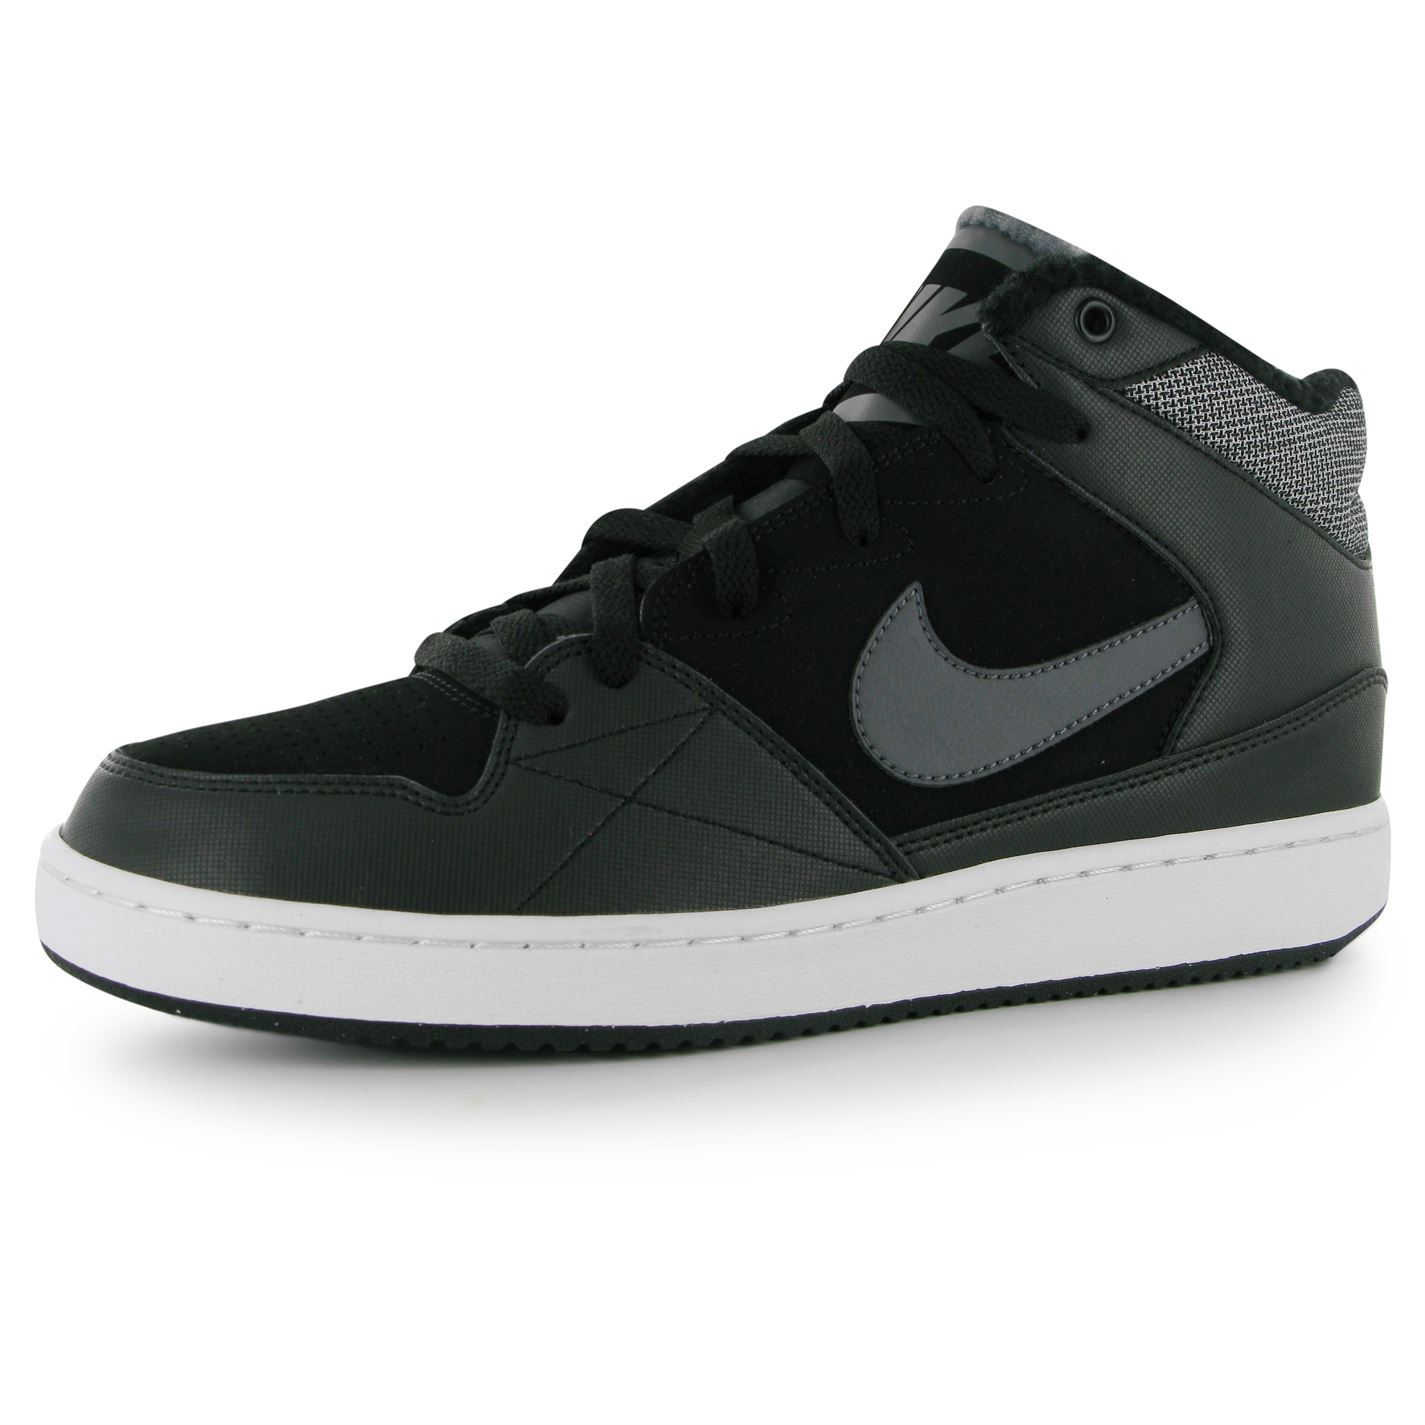 Nike High Top Mens Nike High Top Black